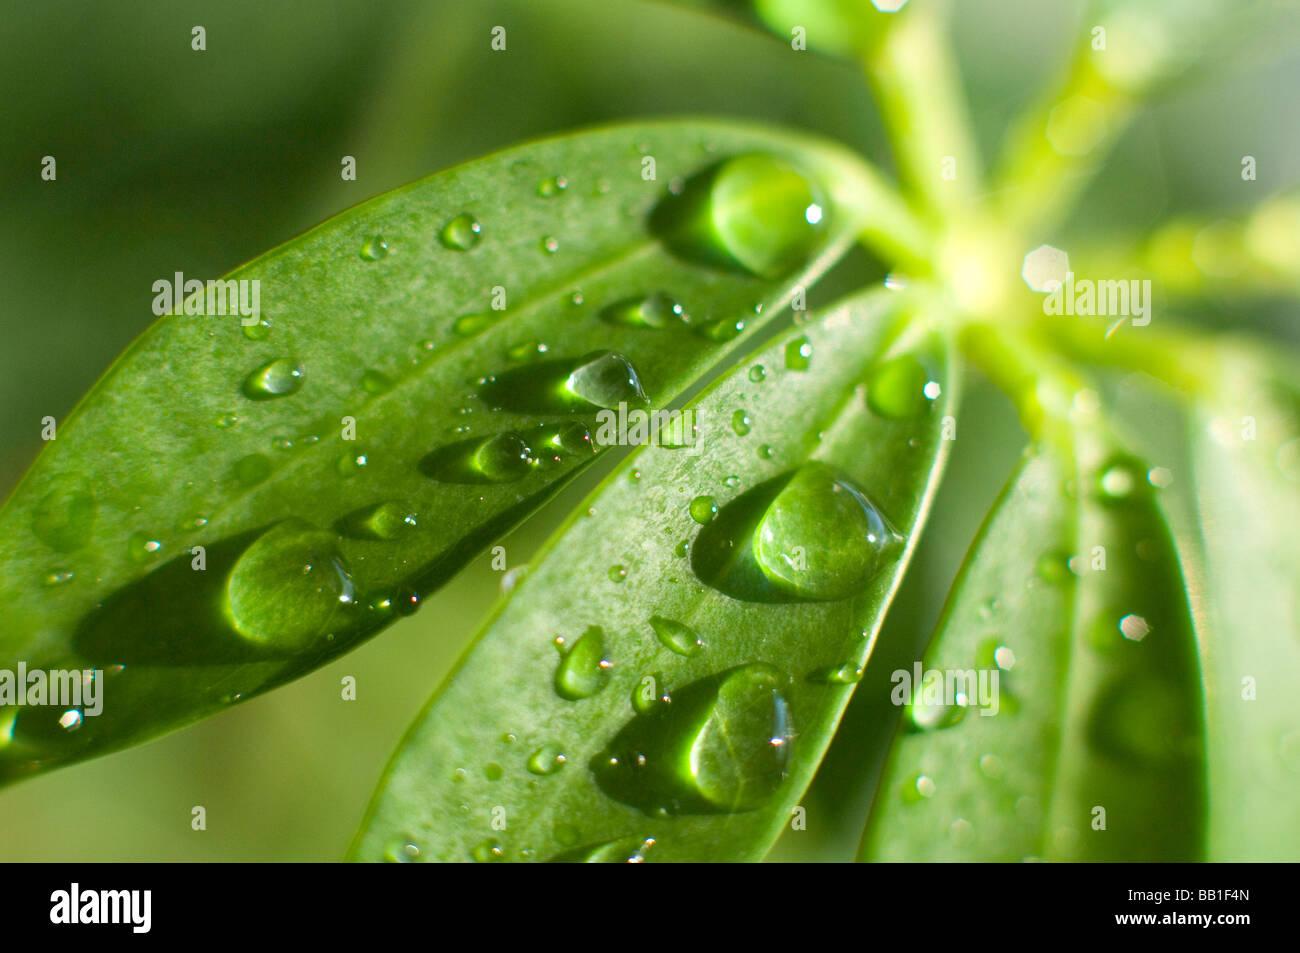 Gouttes d'eau sur une feuille de plante Schefflera. Photo Stock